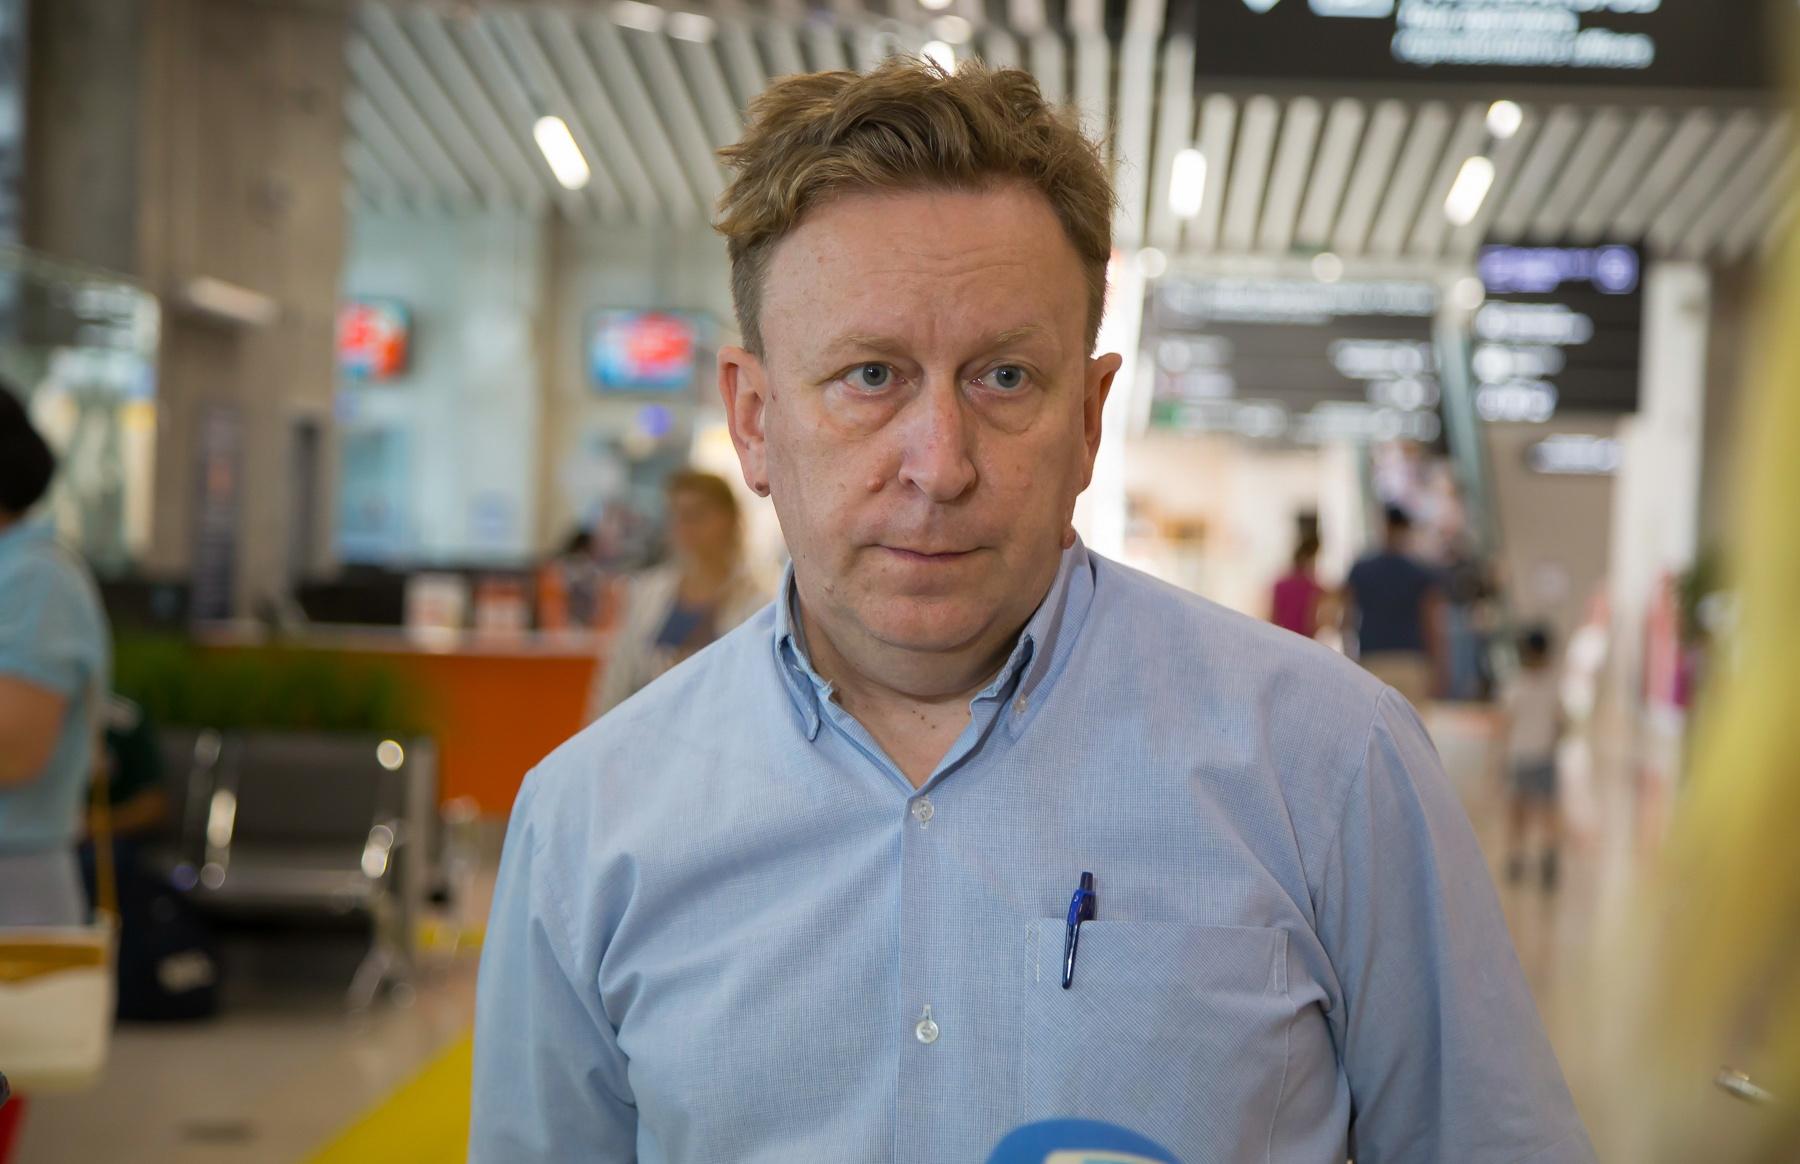 Вячеслав Шульга связывает рост пассажиропотока не с реконструкцией аэропорта, а с ростом экономики в городе и стране